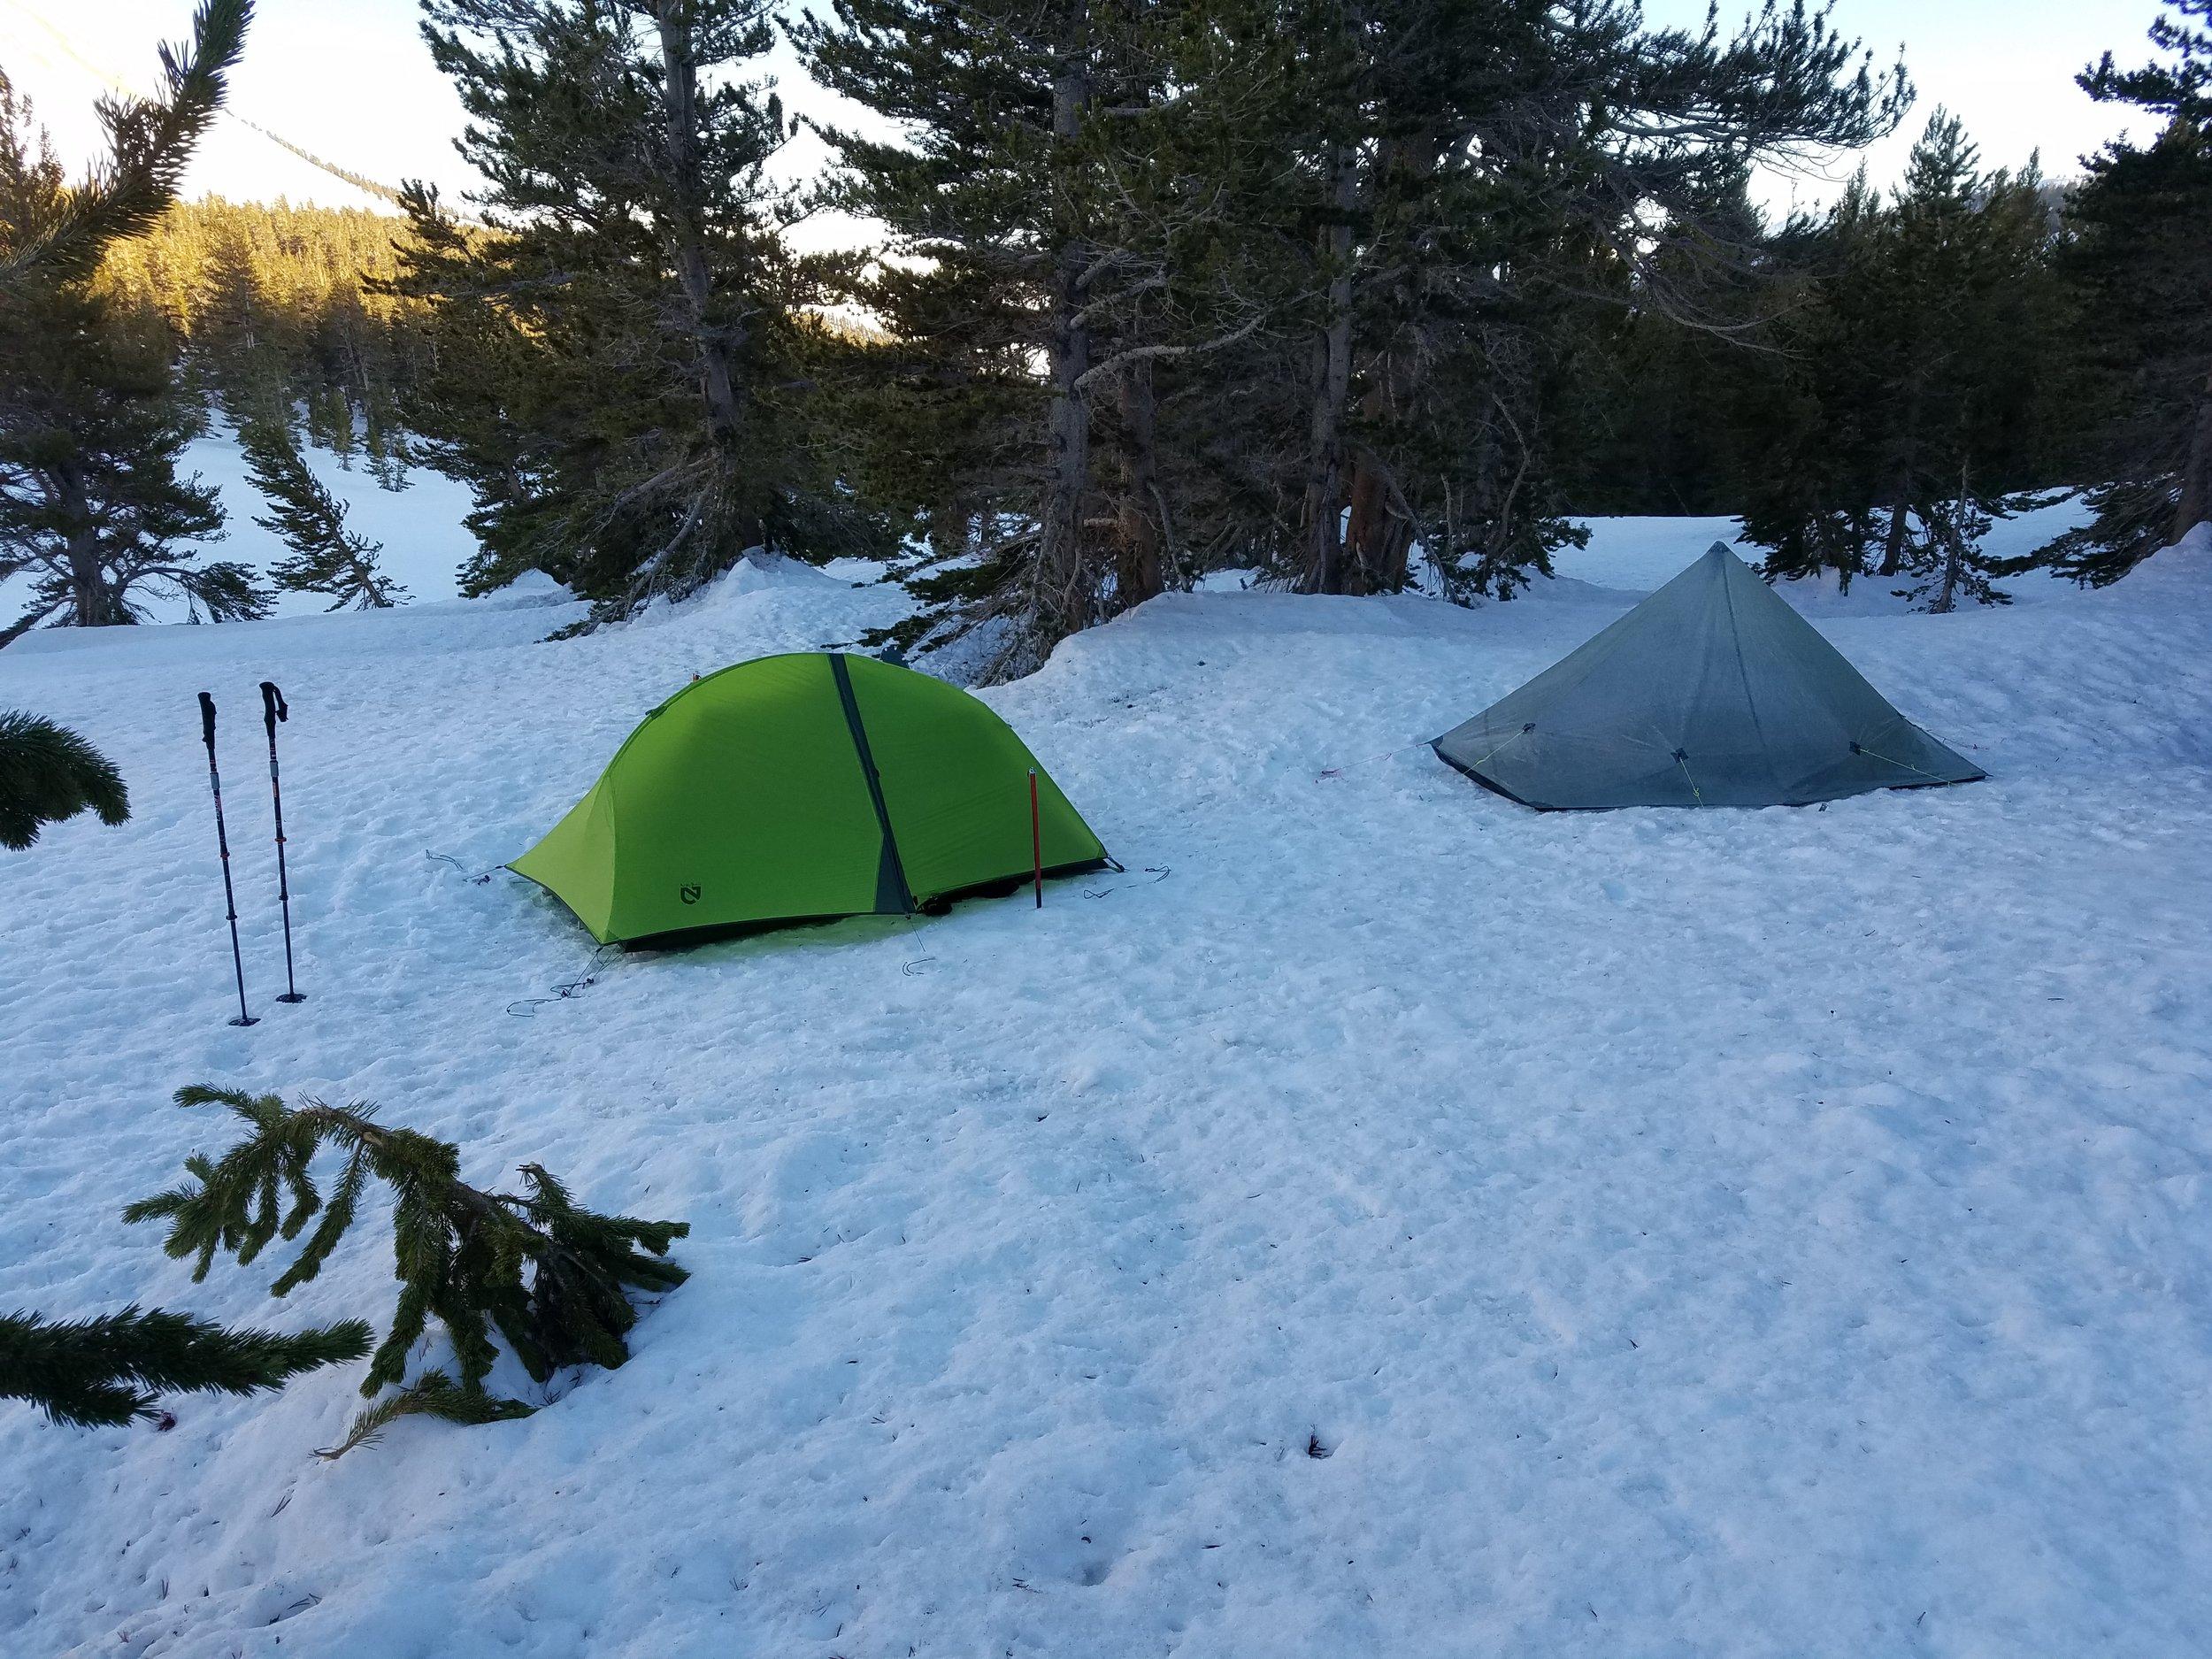 Camping cold at Tyndall Creek